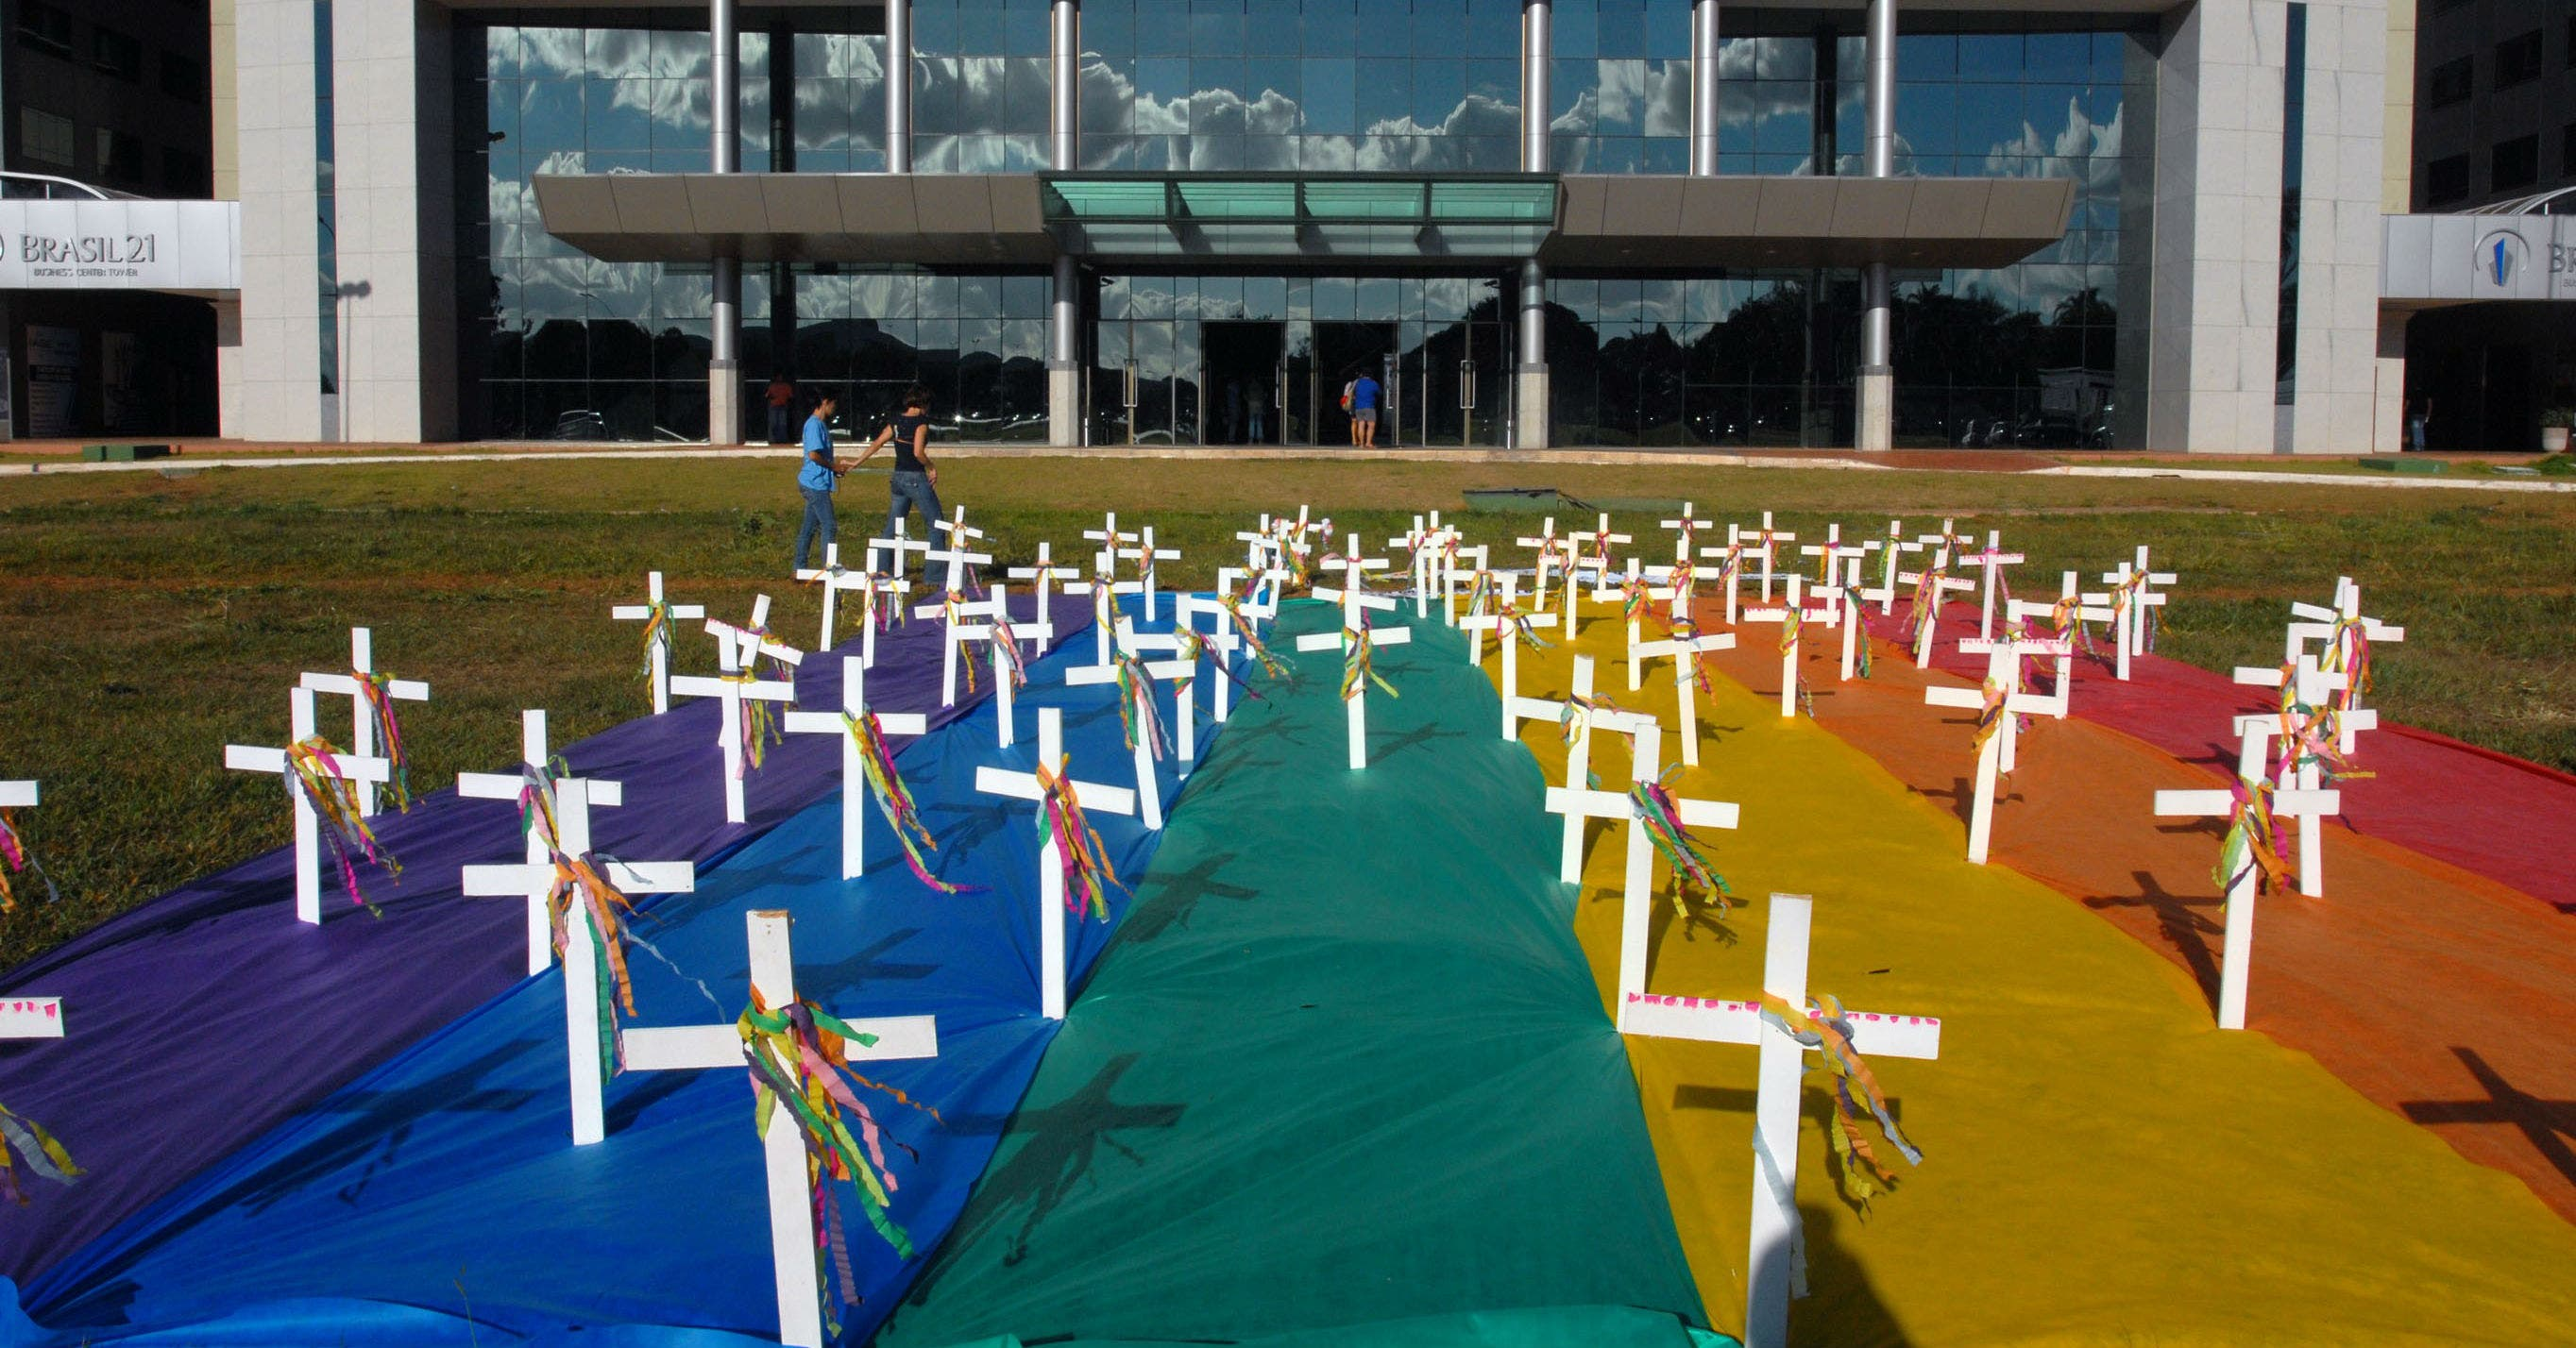 2017 ya es más mortal para las personas LGBT+ que 2016